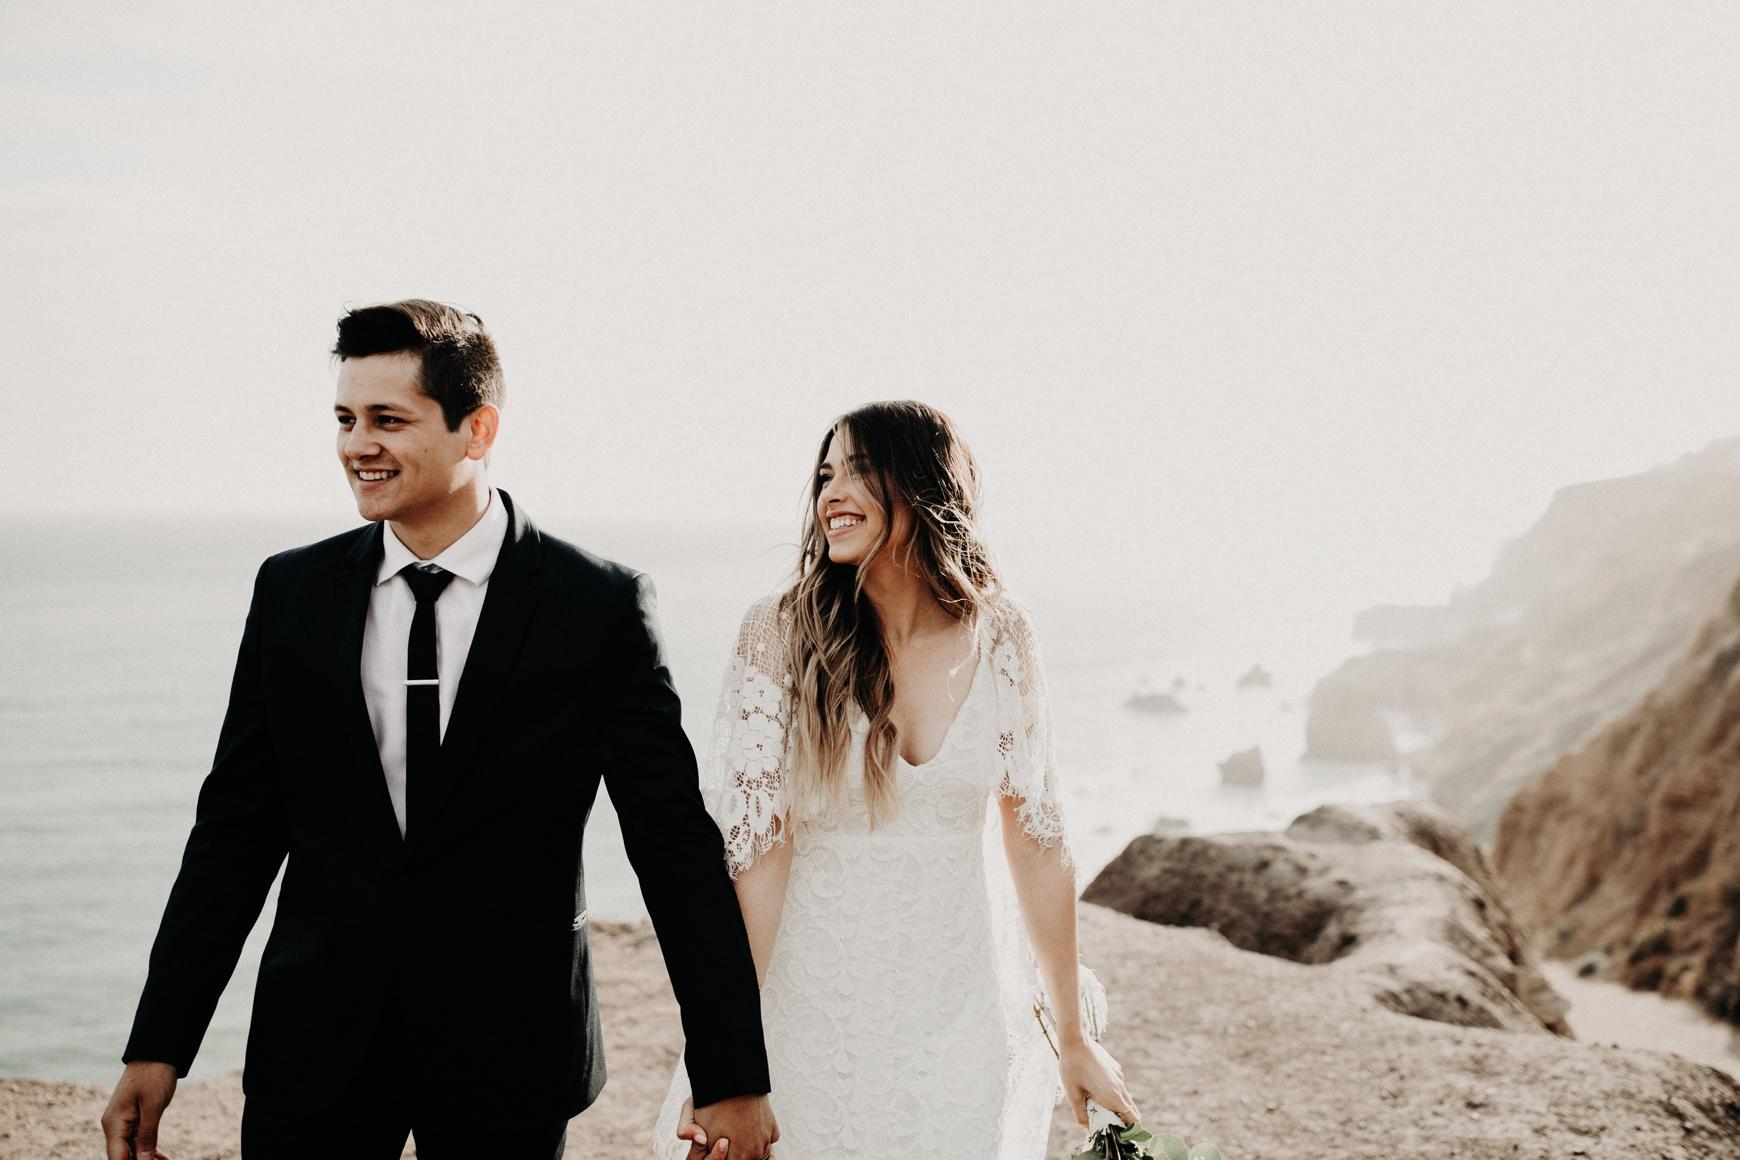 El Matador Beach Bridal Portraits Justellen & TJ Emily Magers Photography-97Emily Magers Photography.jpg